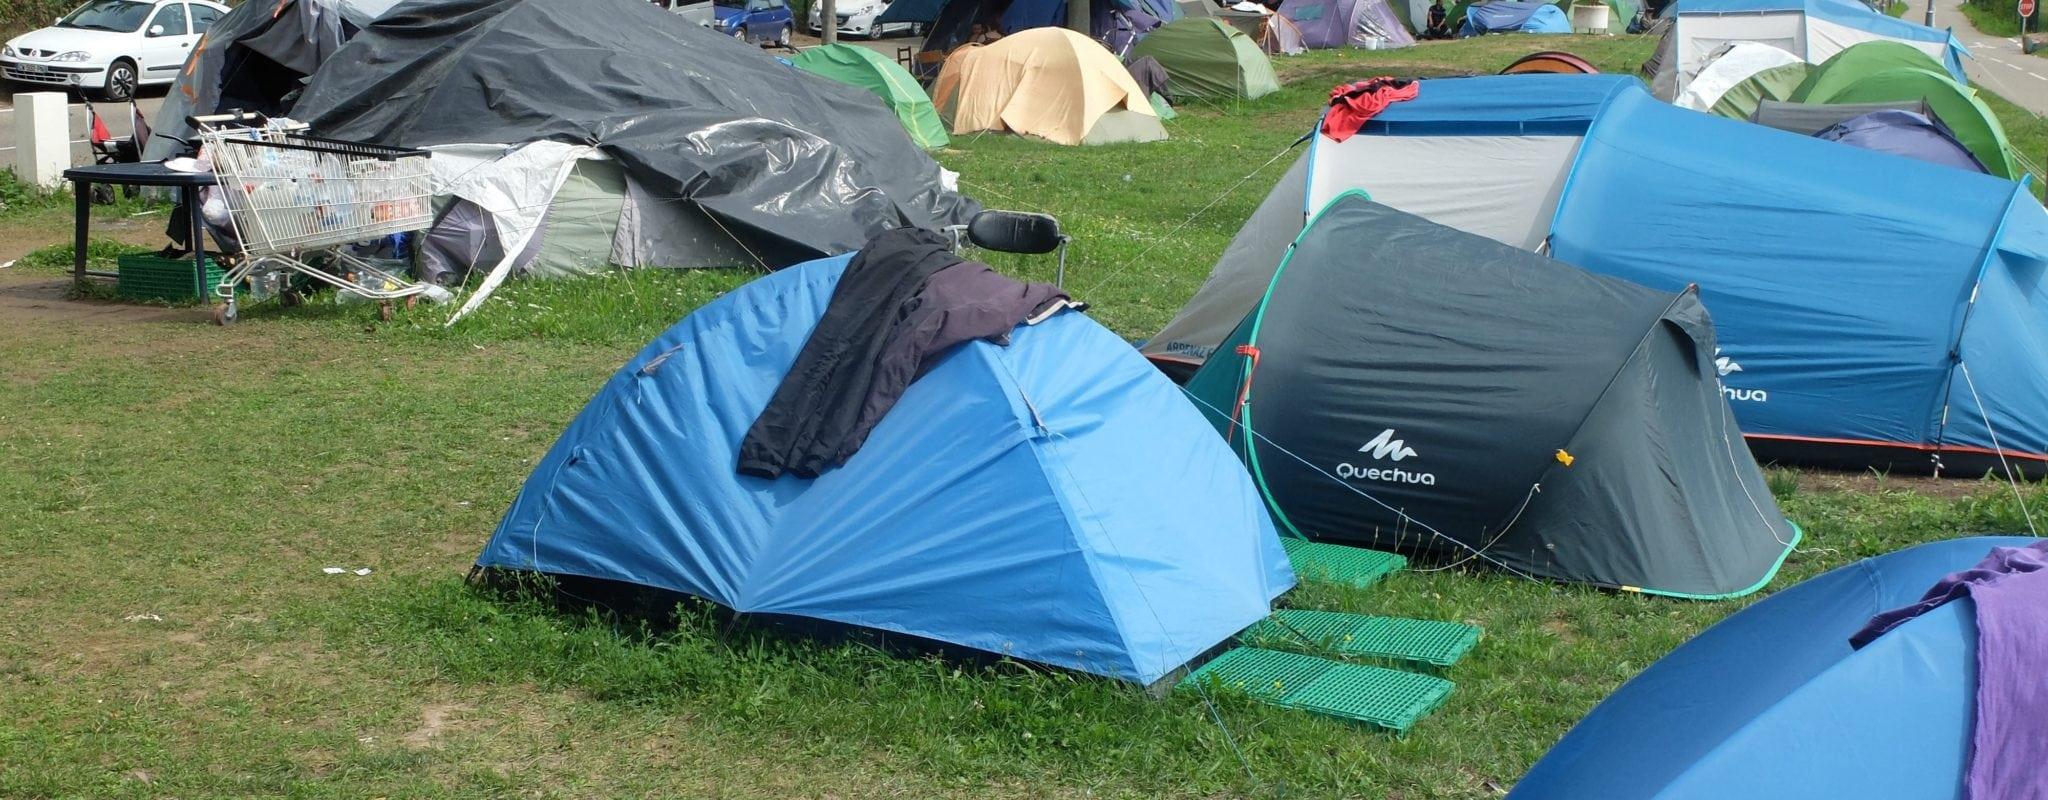 Campement des Remparts : deux mois avant une évacuation